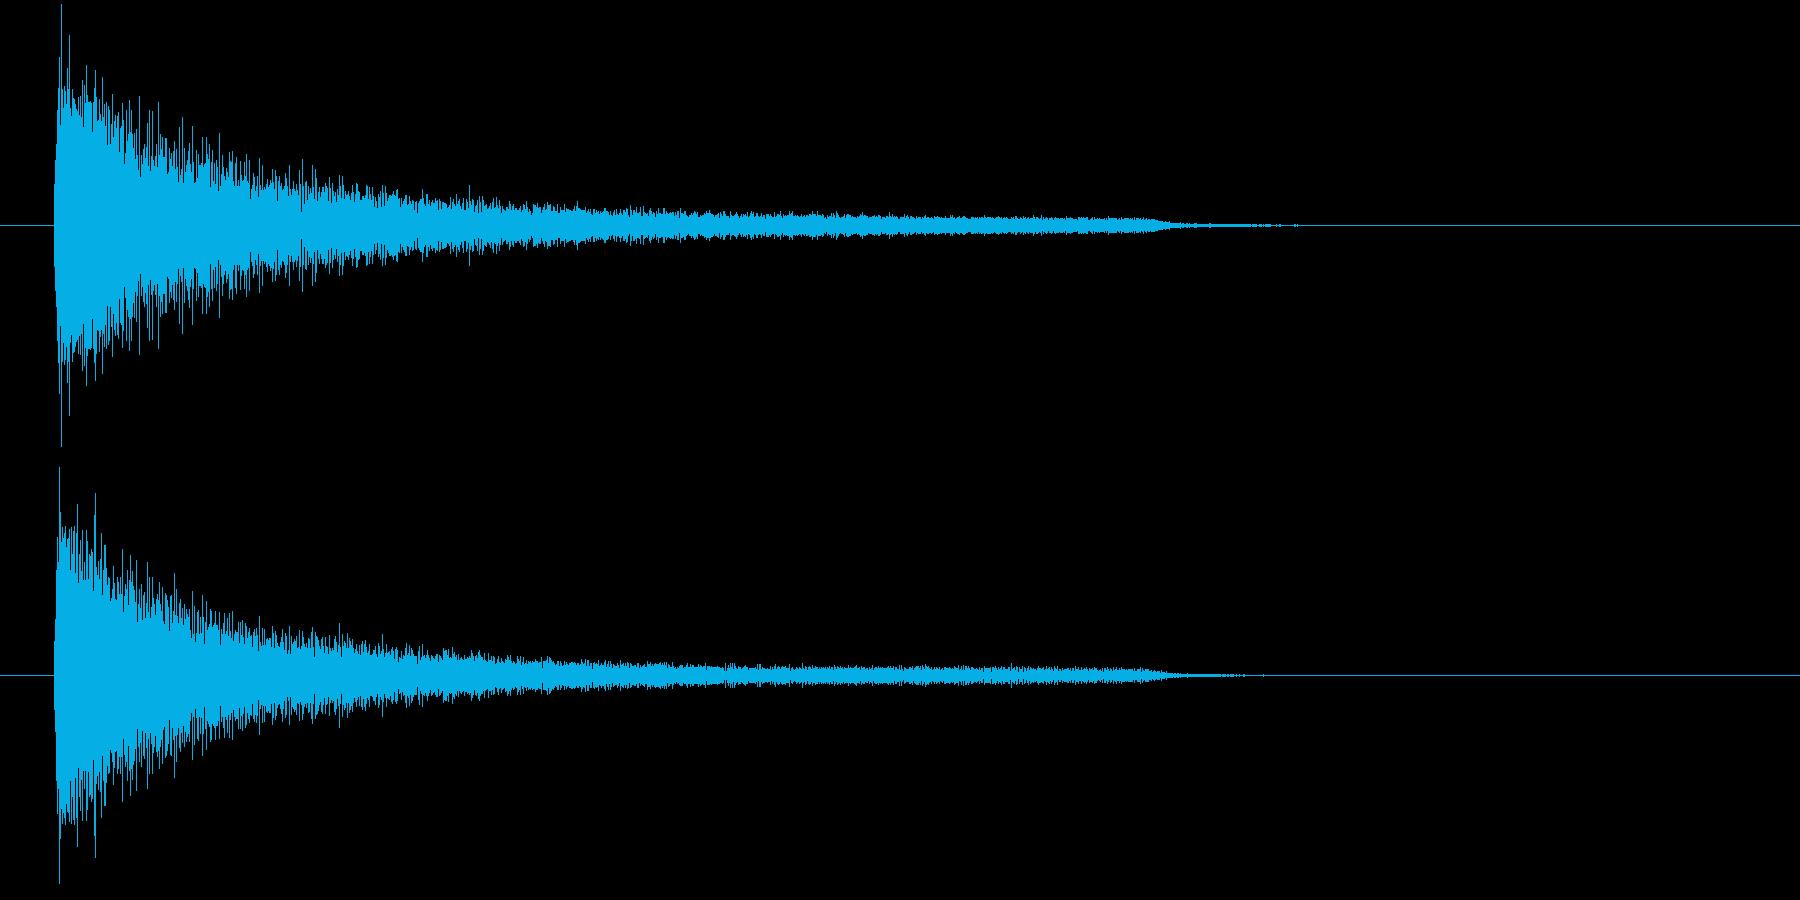 一番シンプルな(暗い)ピアノ和音の再生済みの波形